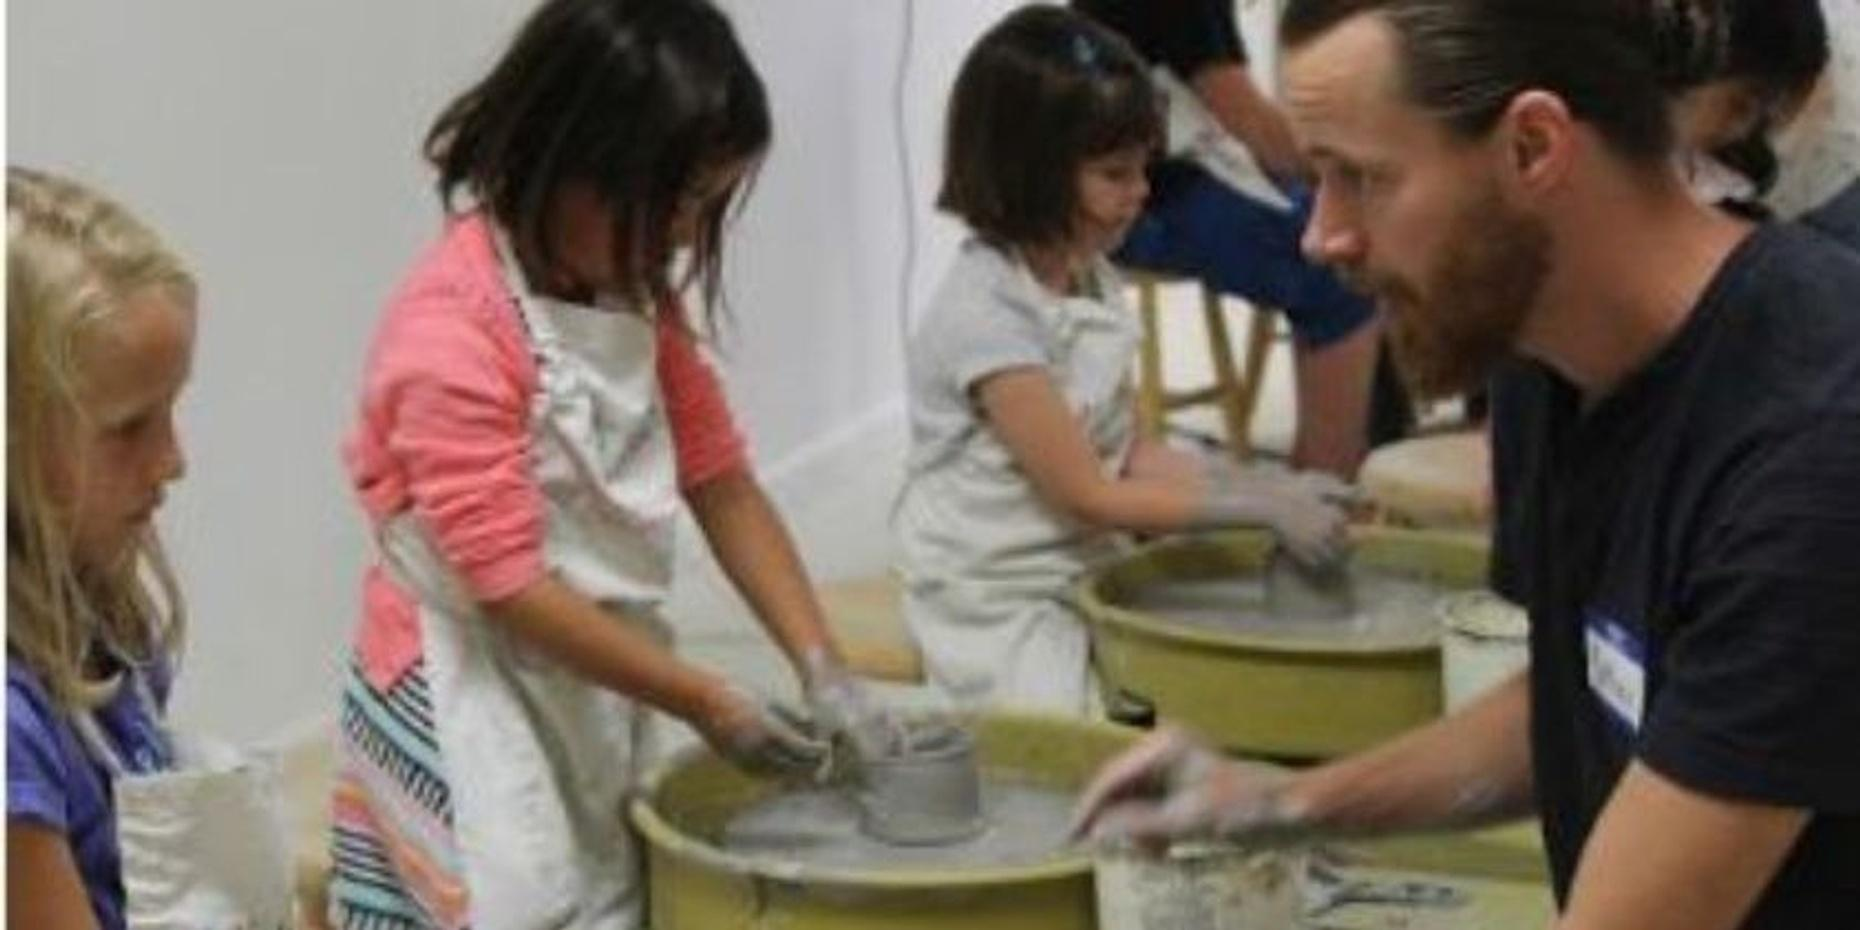 Kids' Ceramic Pottery Lesson in Berkeley